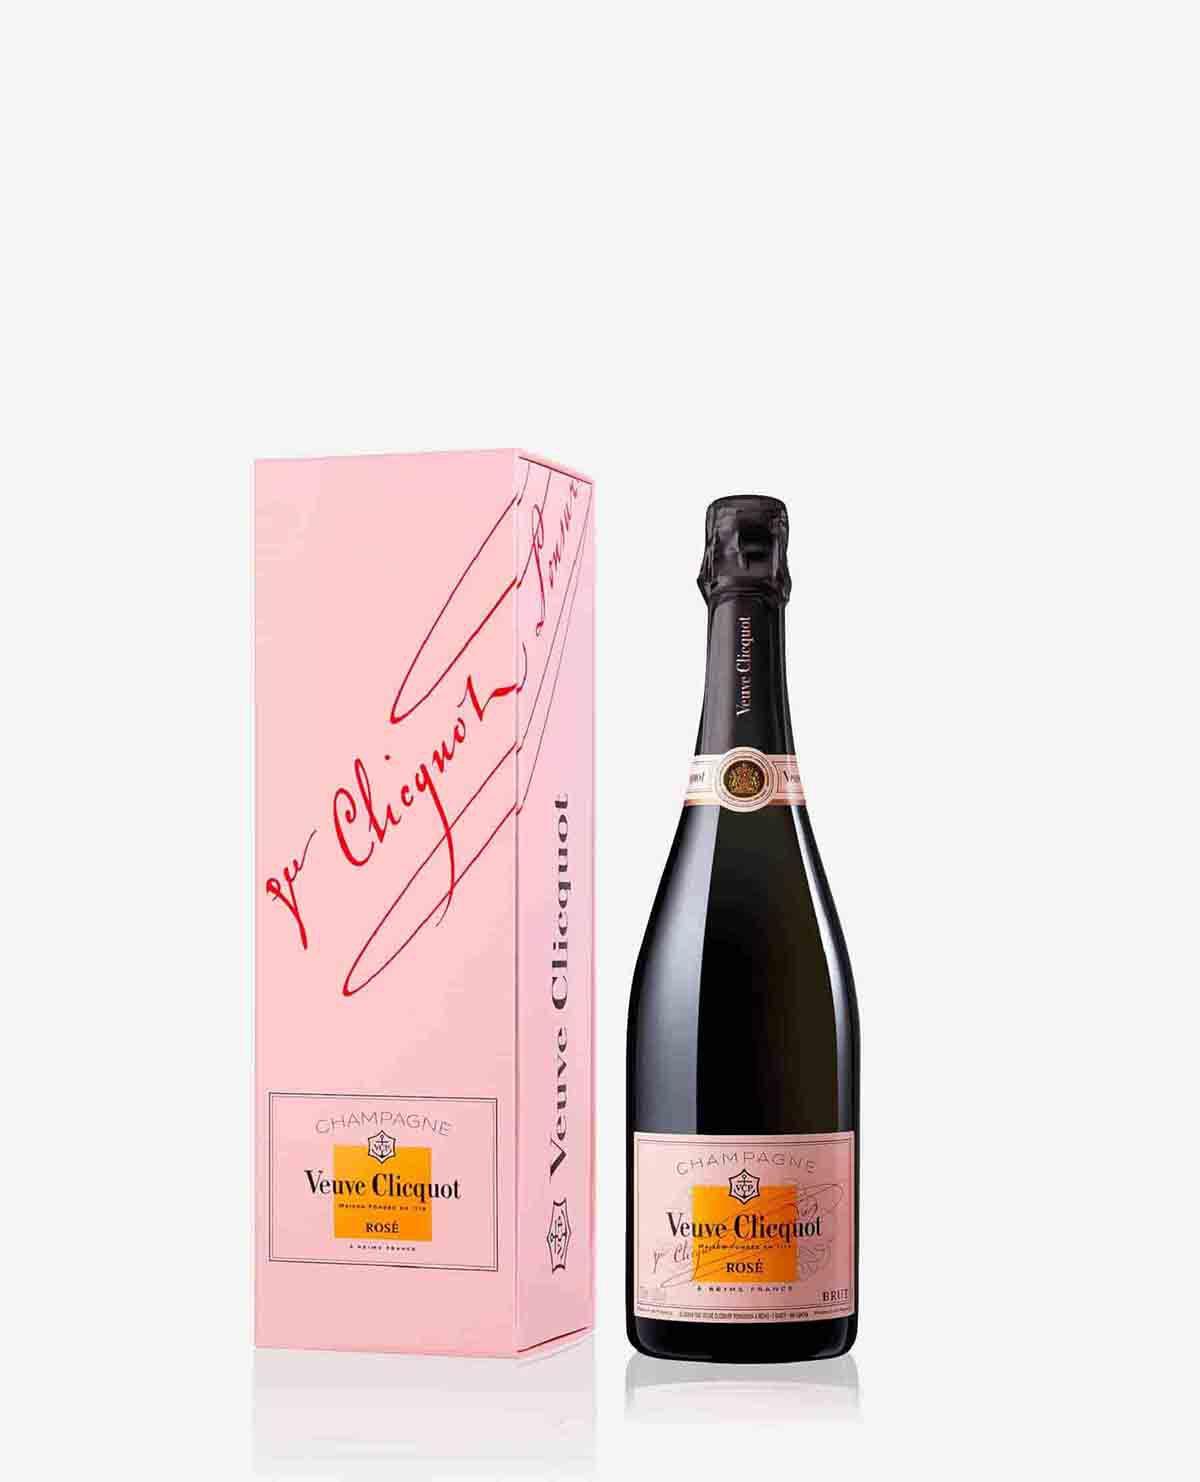 ヴーヴ・クリコ ローズラベル シャンパン